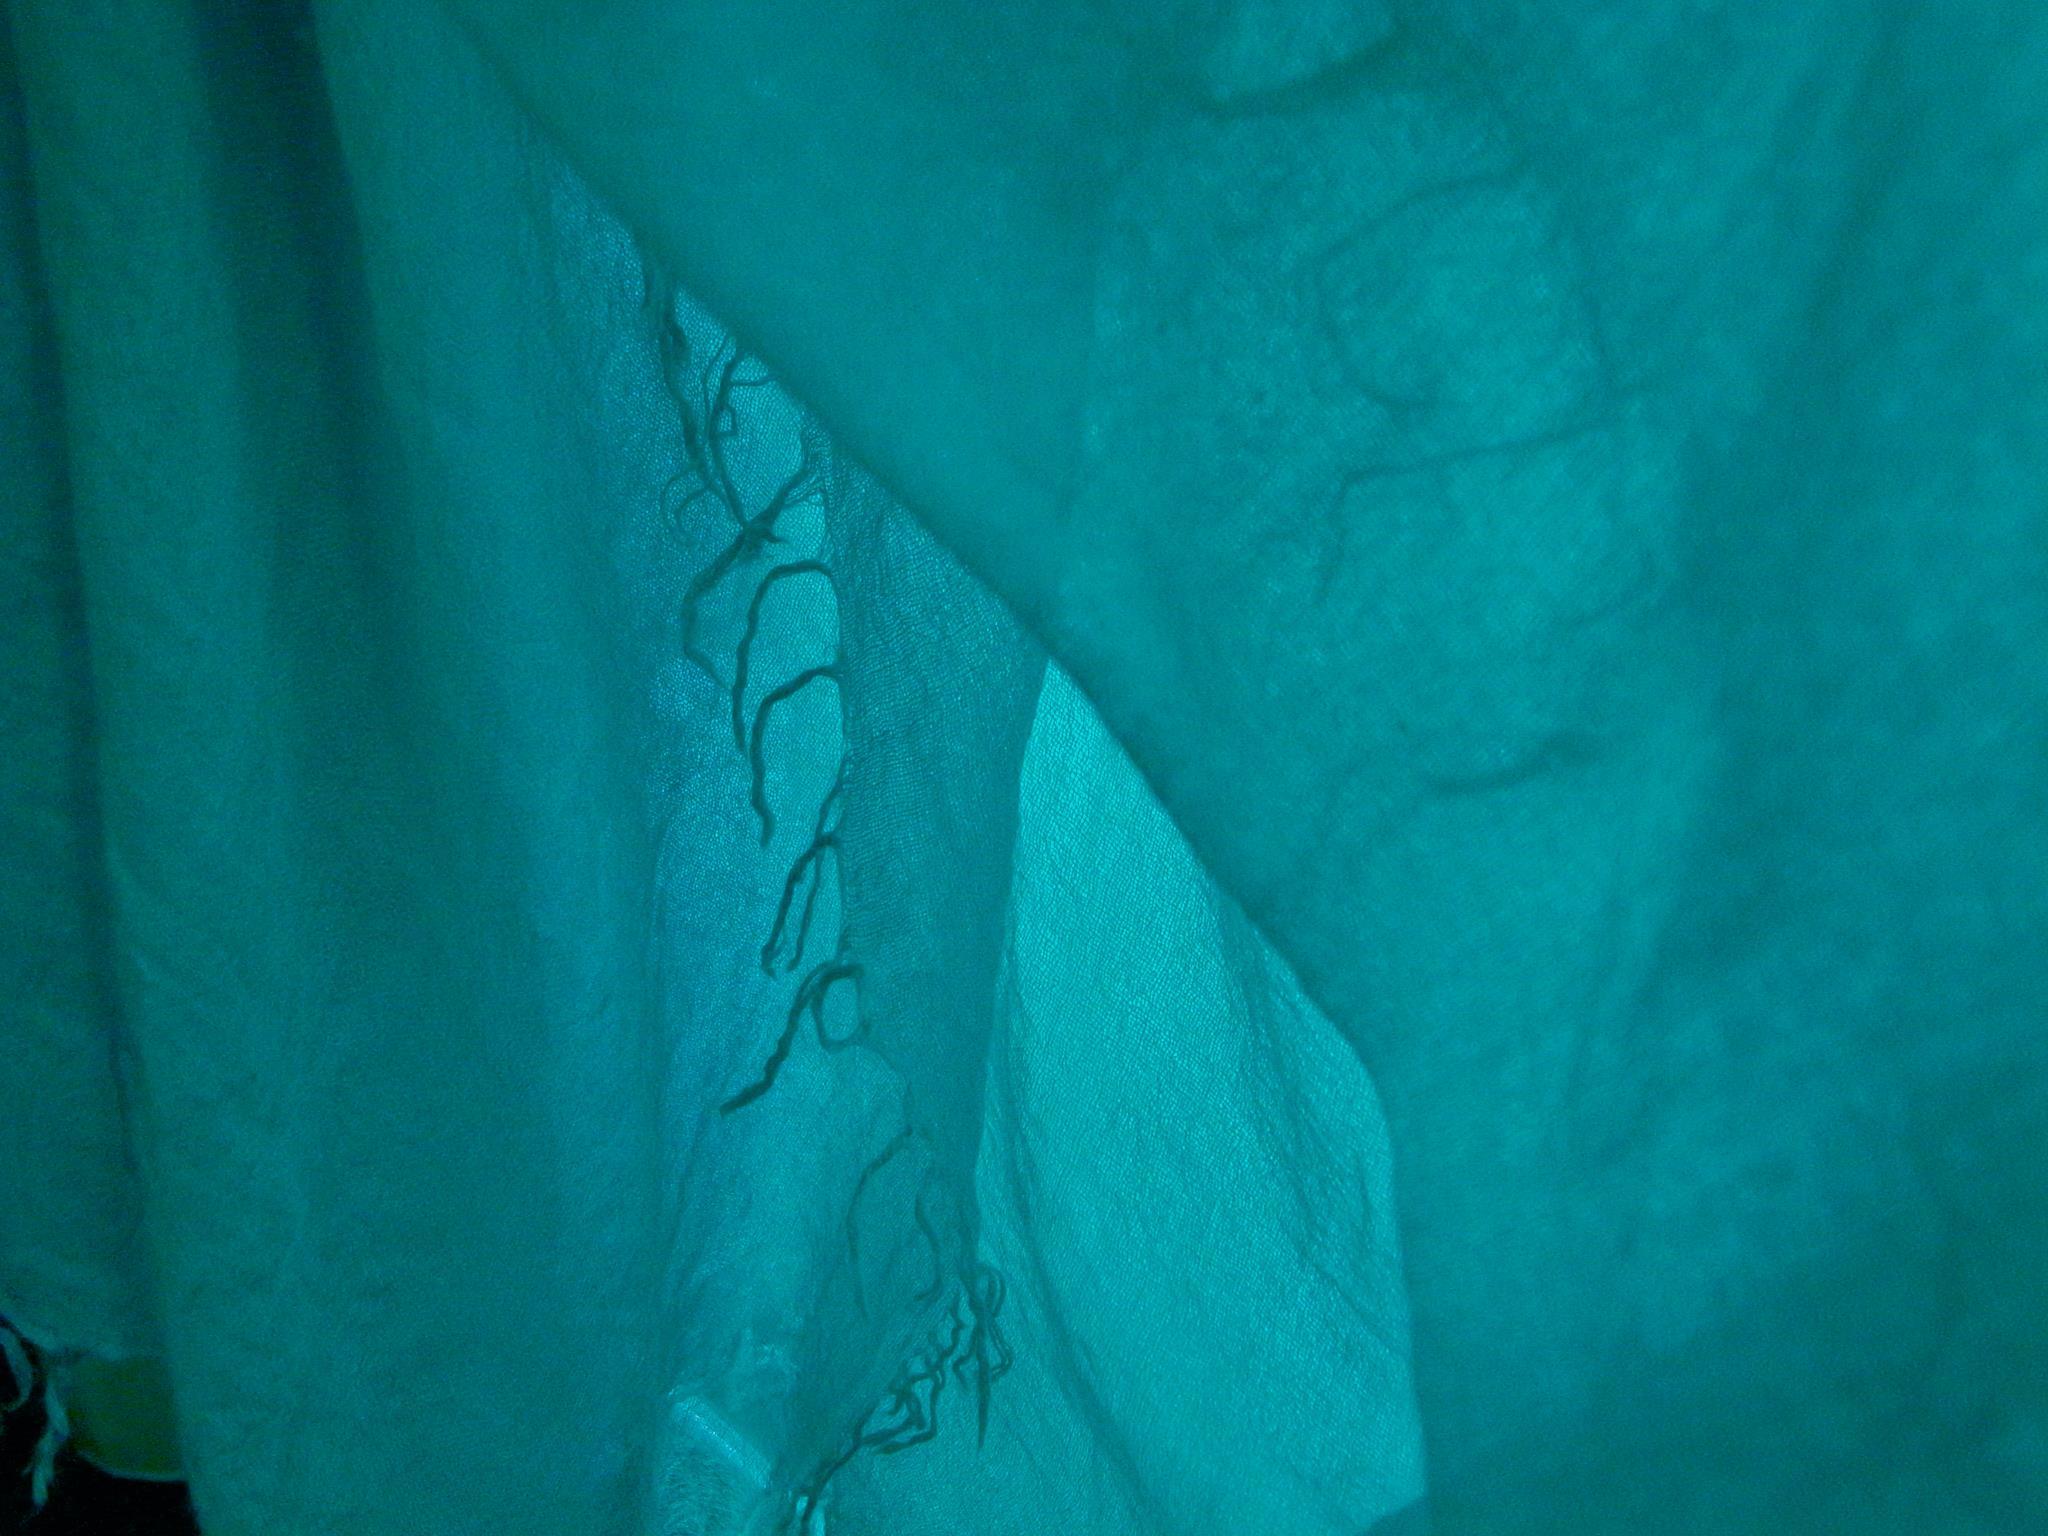 奄宇海色・海の底にある宇(そら)の色 - 奄美大島・古仁屋の海の色